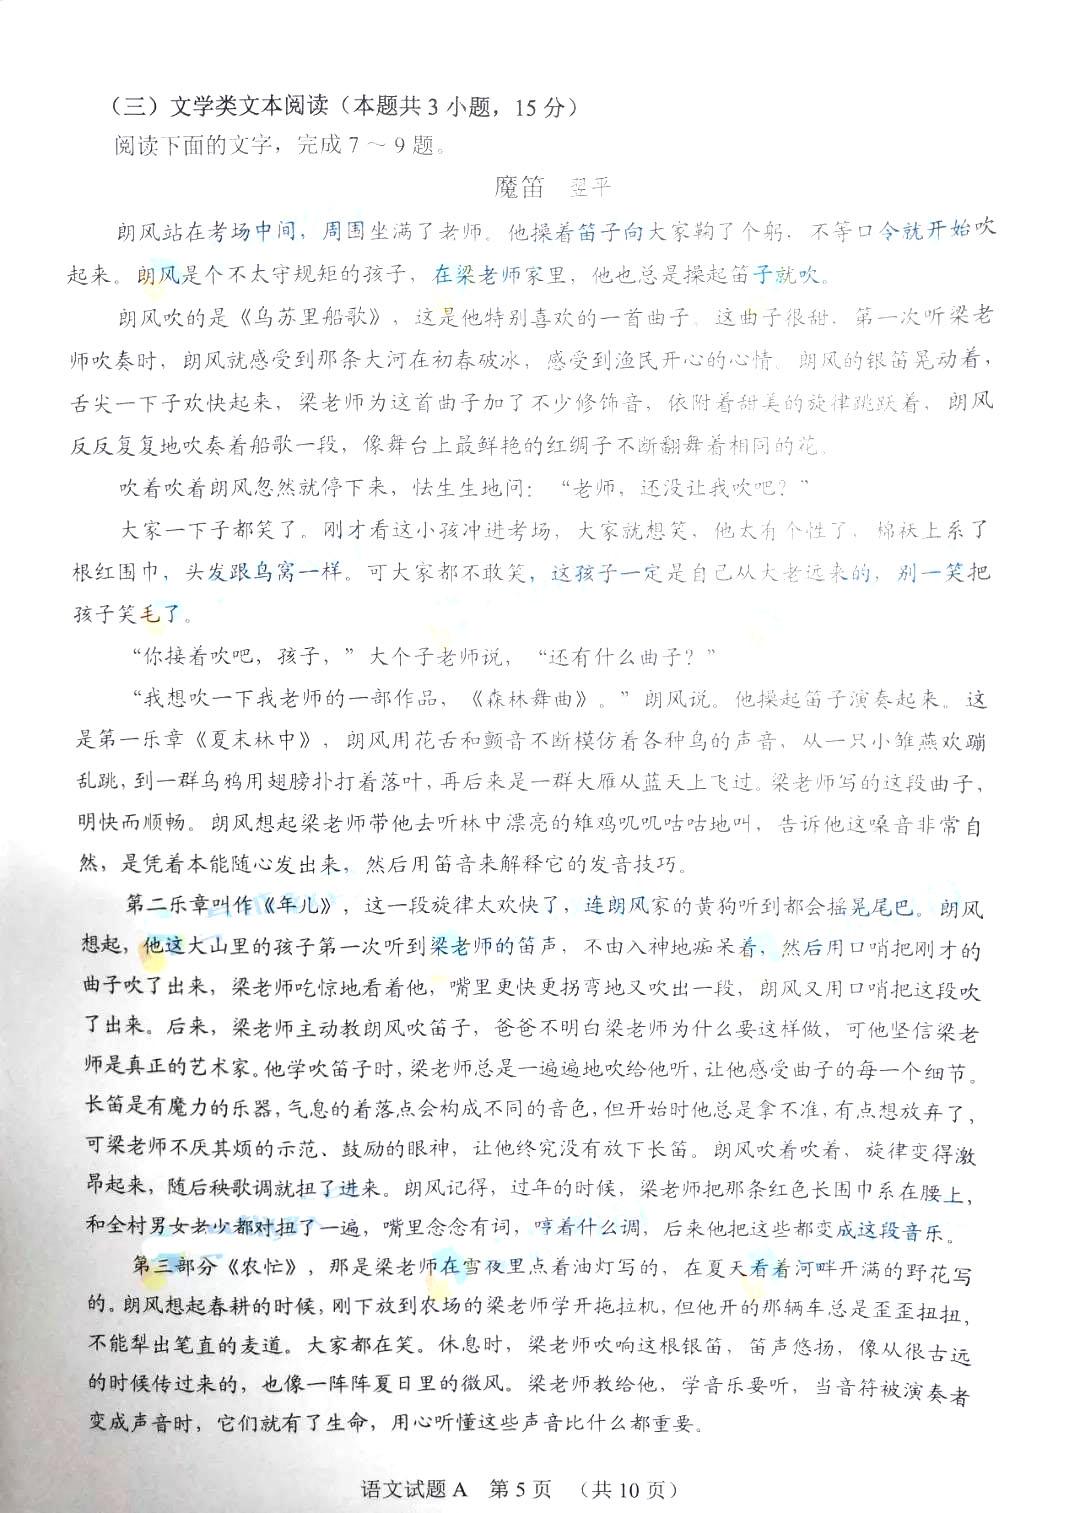 最新!2019届广州高三一模语文真题以及参考答案汇总分享!